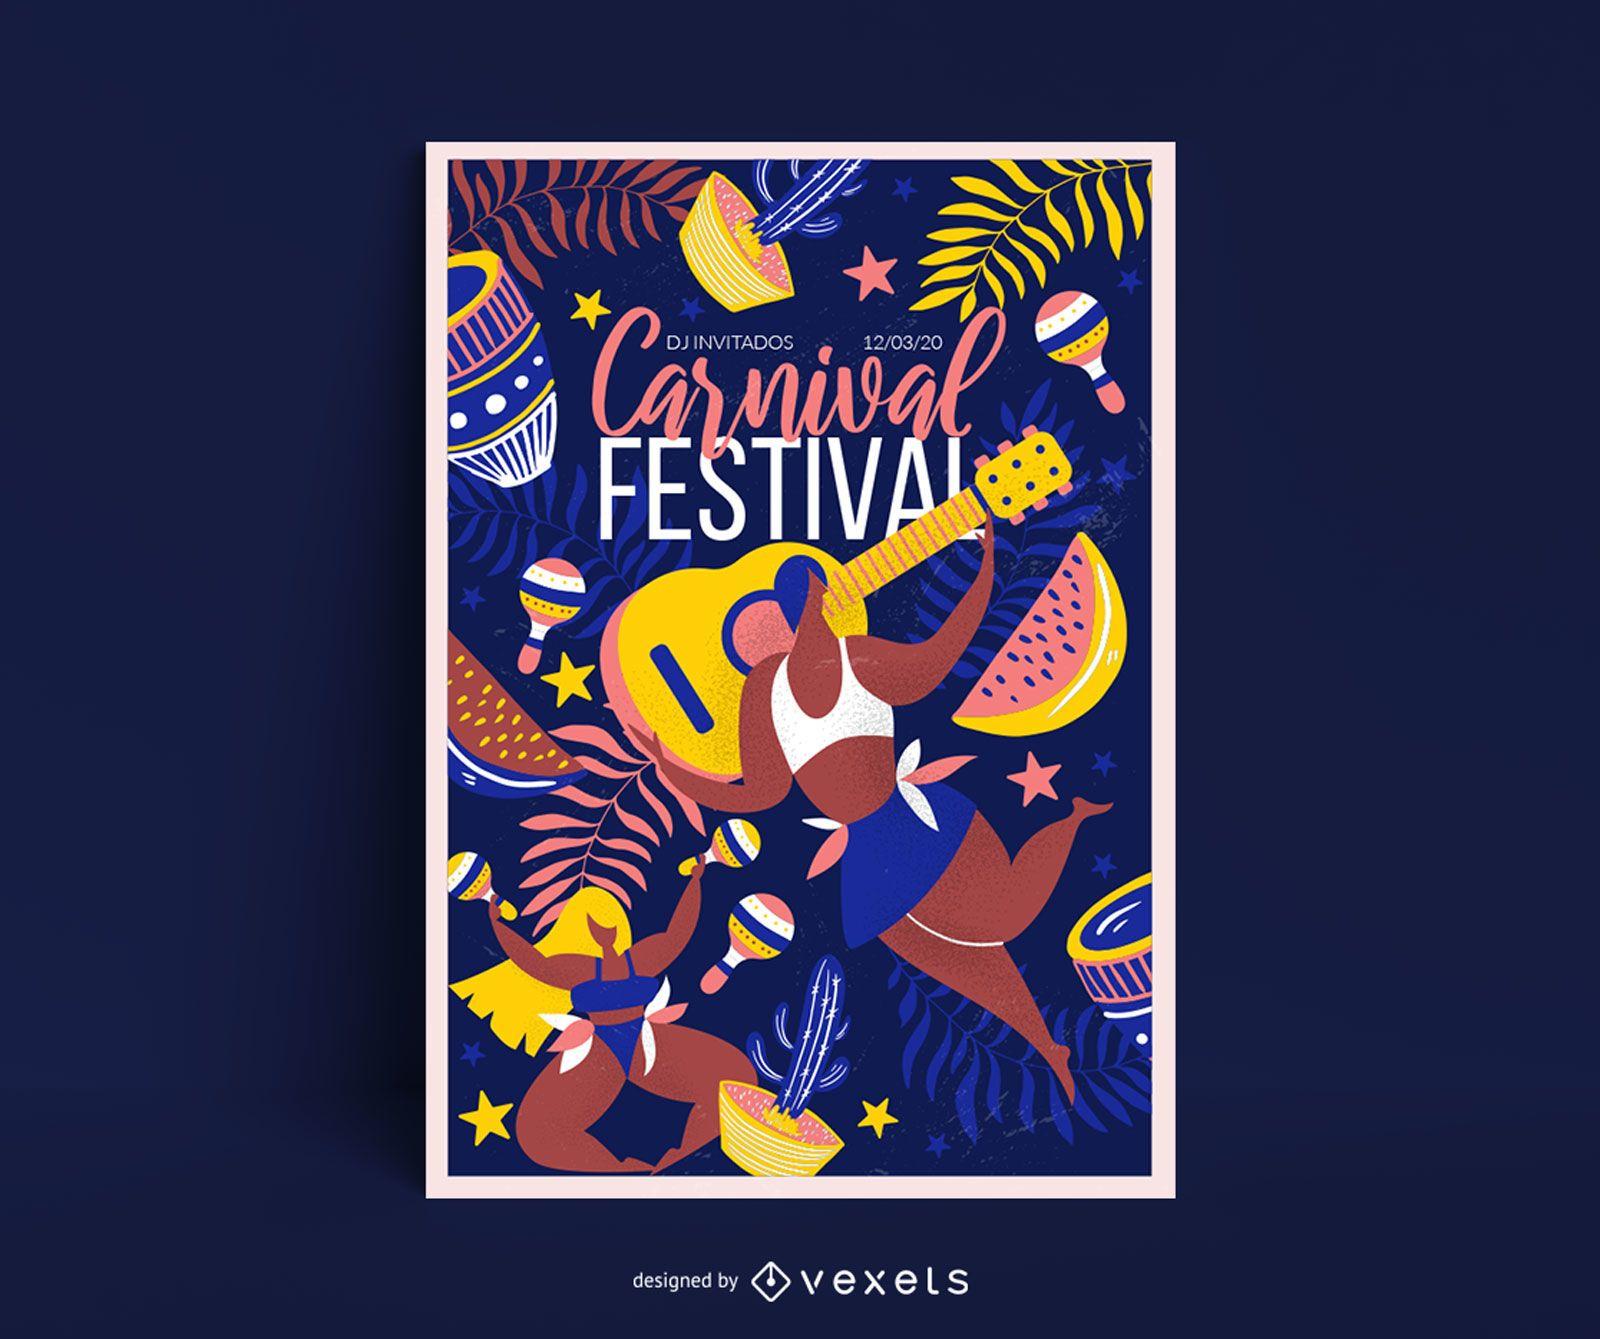 Carnival Festival Poster Design